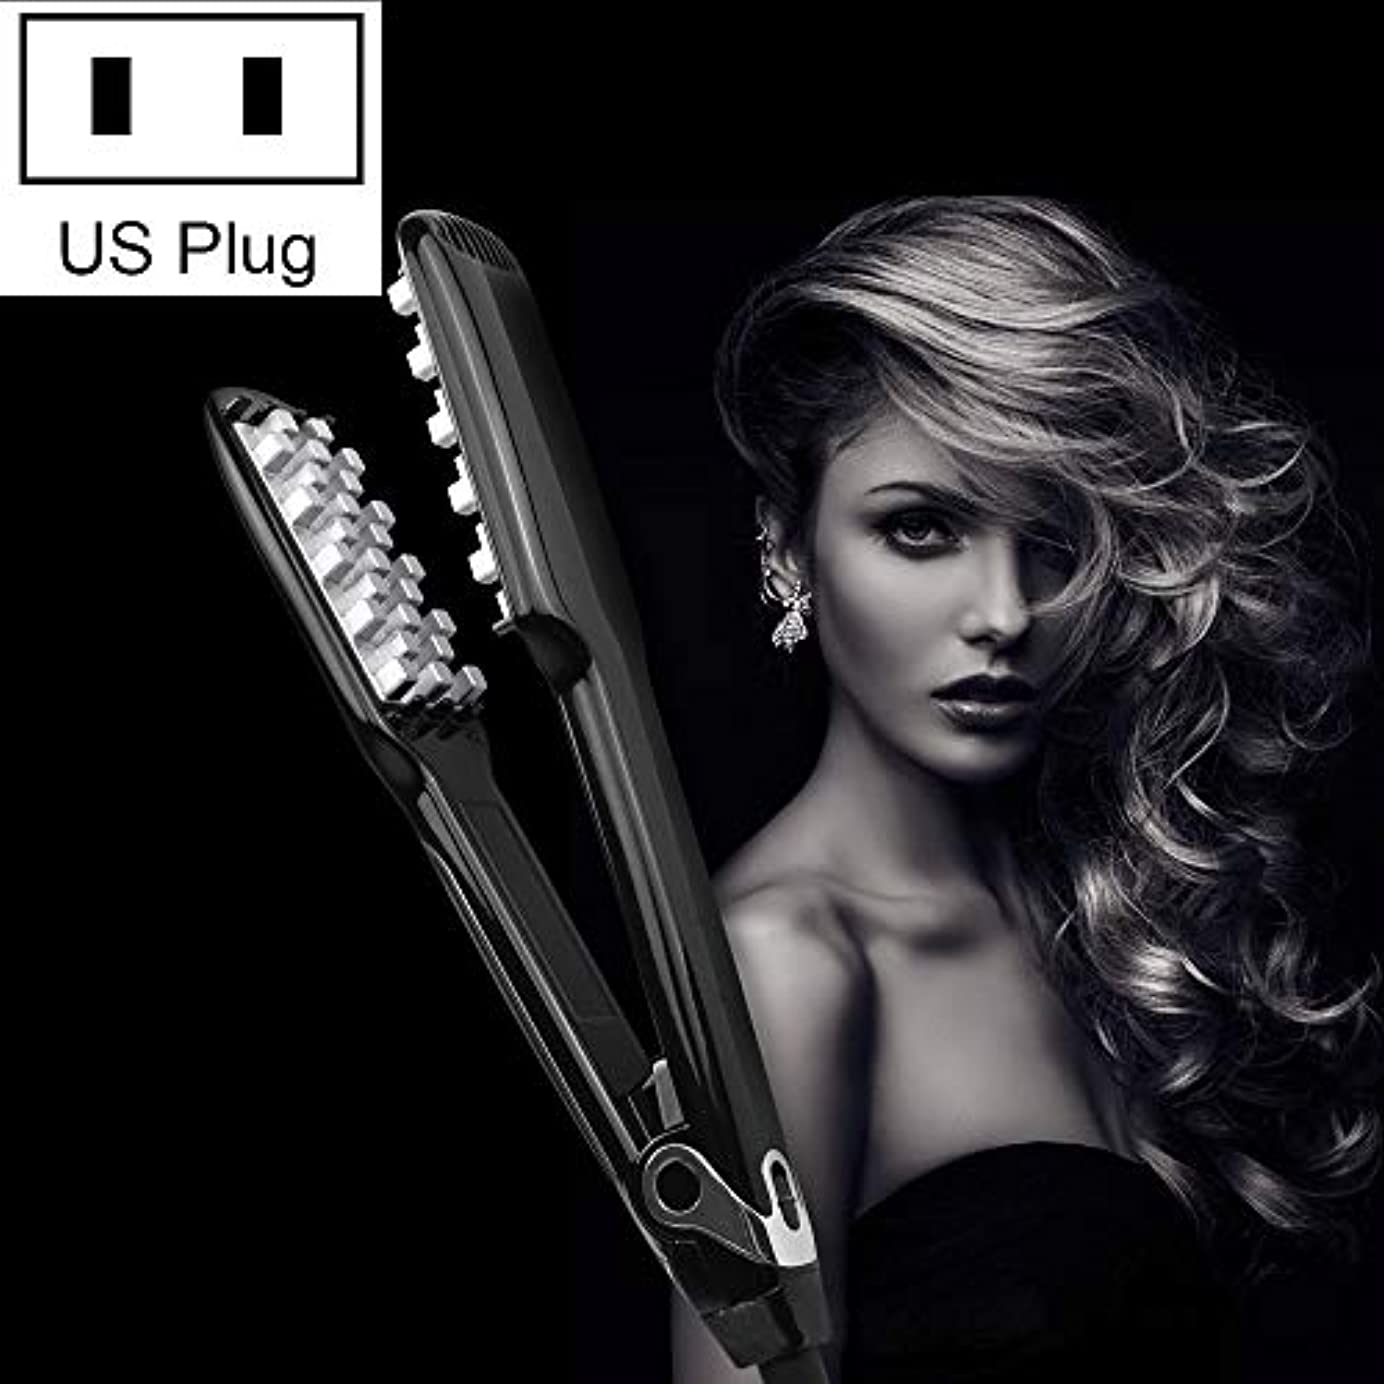 WTYD 美容ヘアツール WT042 150 Wデジタルディスプレイ自動ヘアカーラー副木、米国プラグ (色 : Black)